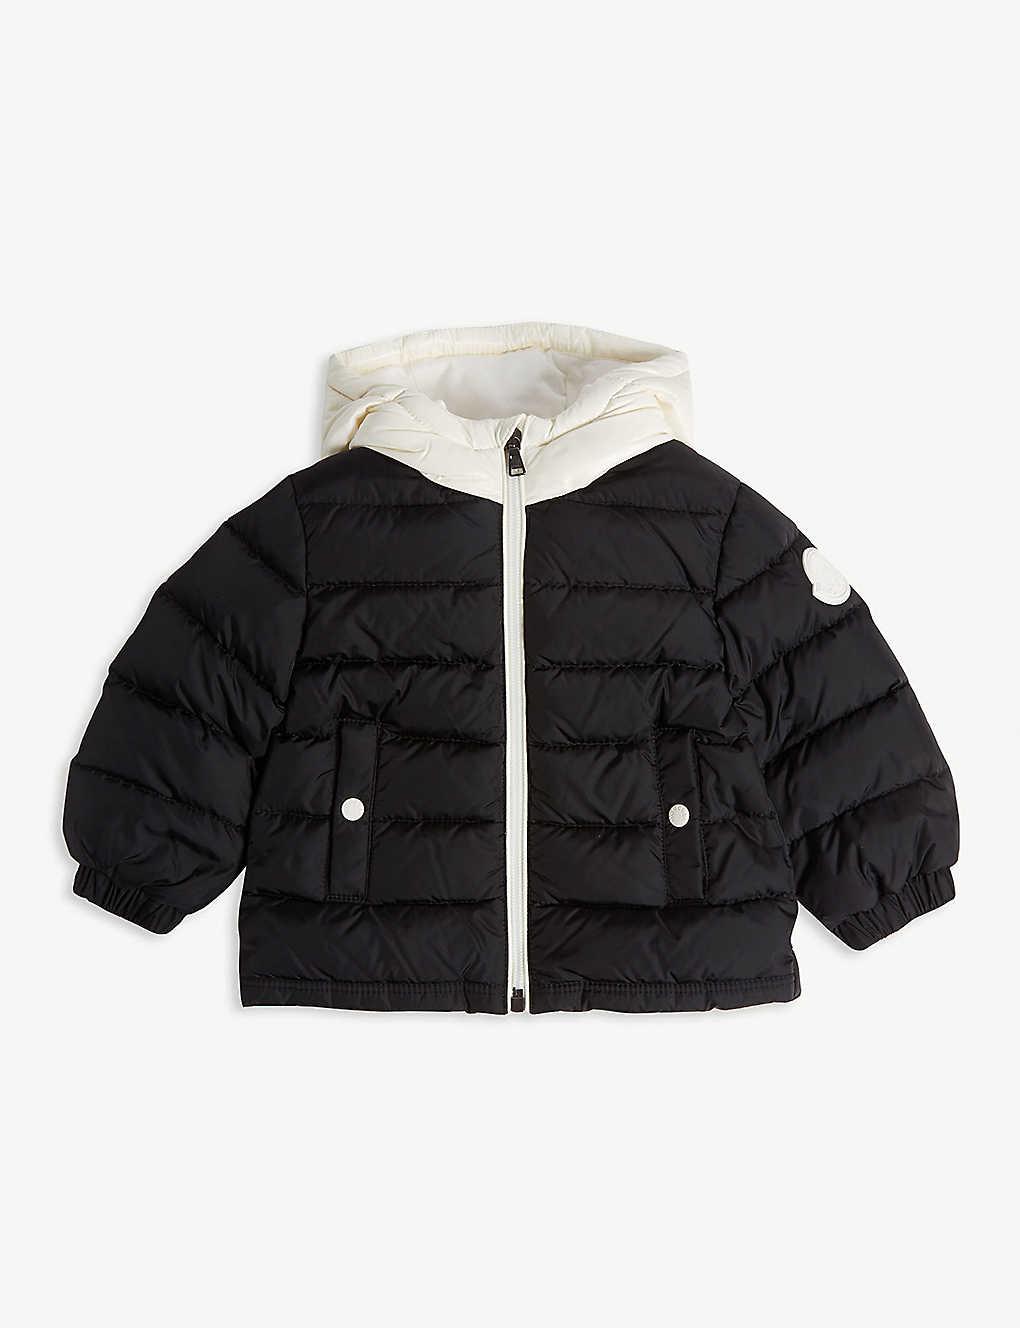 3565fc629 Lourmarin puffer jacket 3-36 months